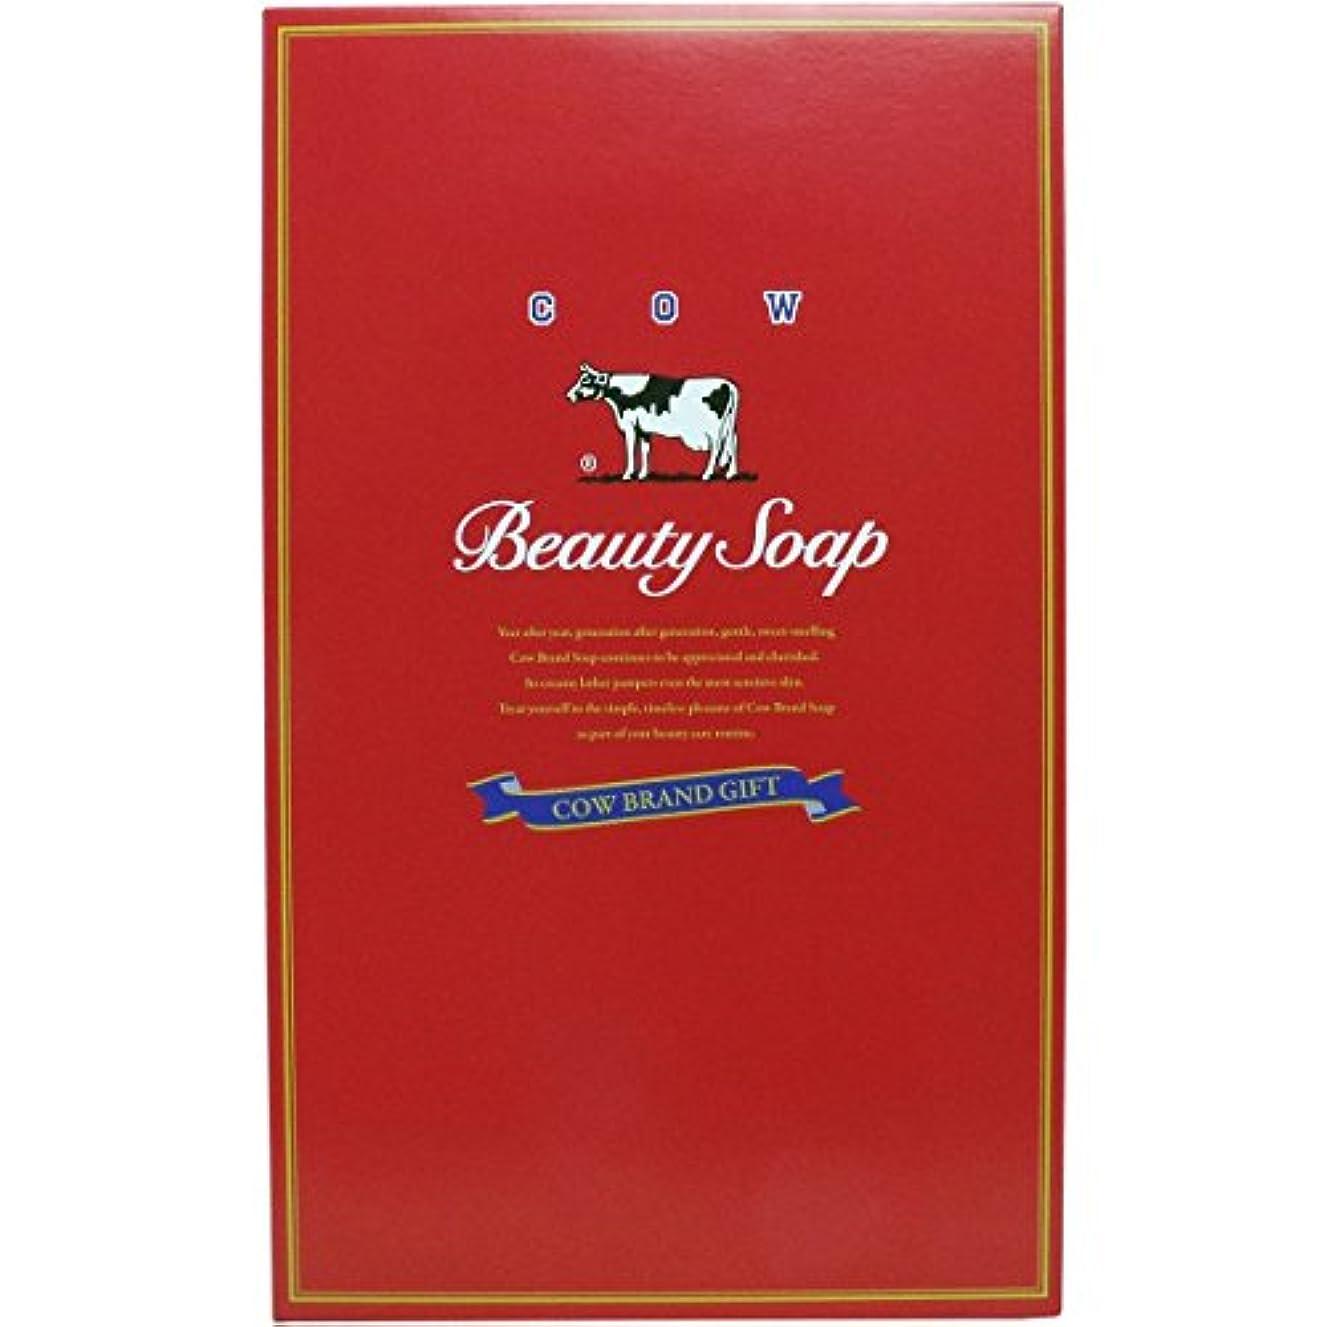 急速ななくなるペンダント牛乳石鹸共進社 カウブランド石鹸 赤箱 100g×10個×16箱